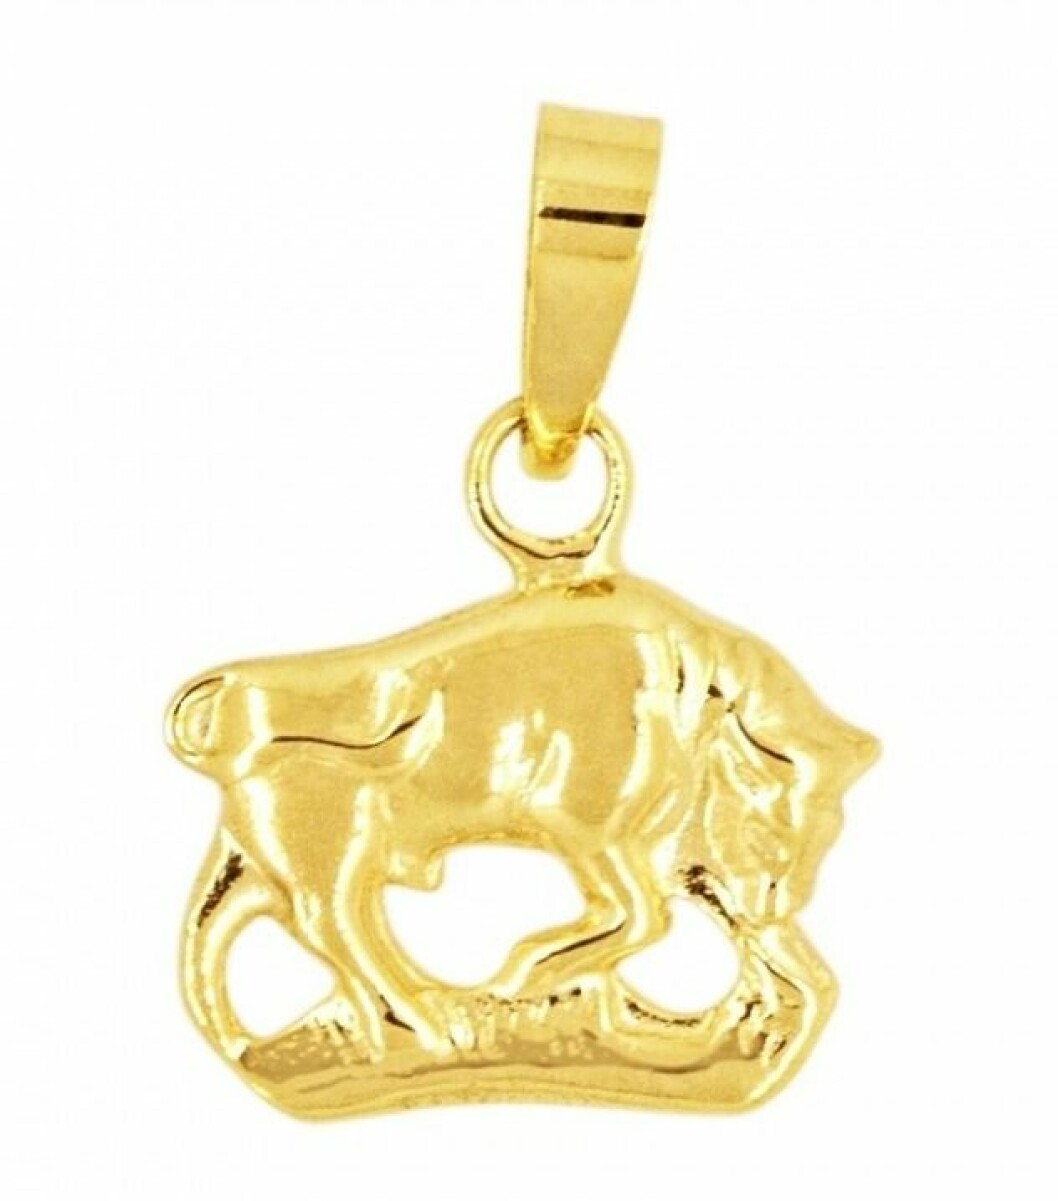 Smycke med stjärntecken oxen